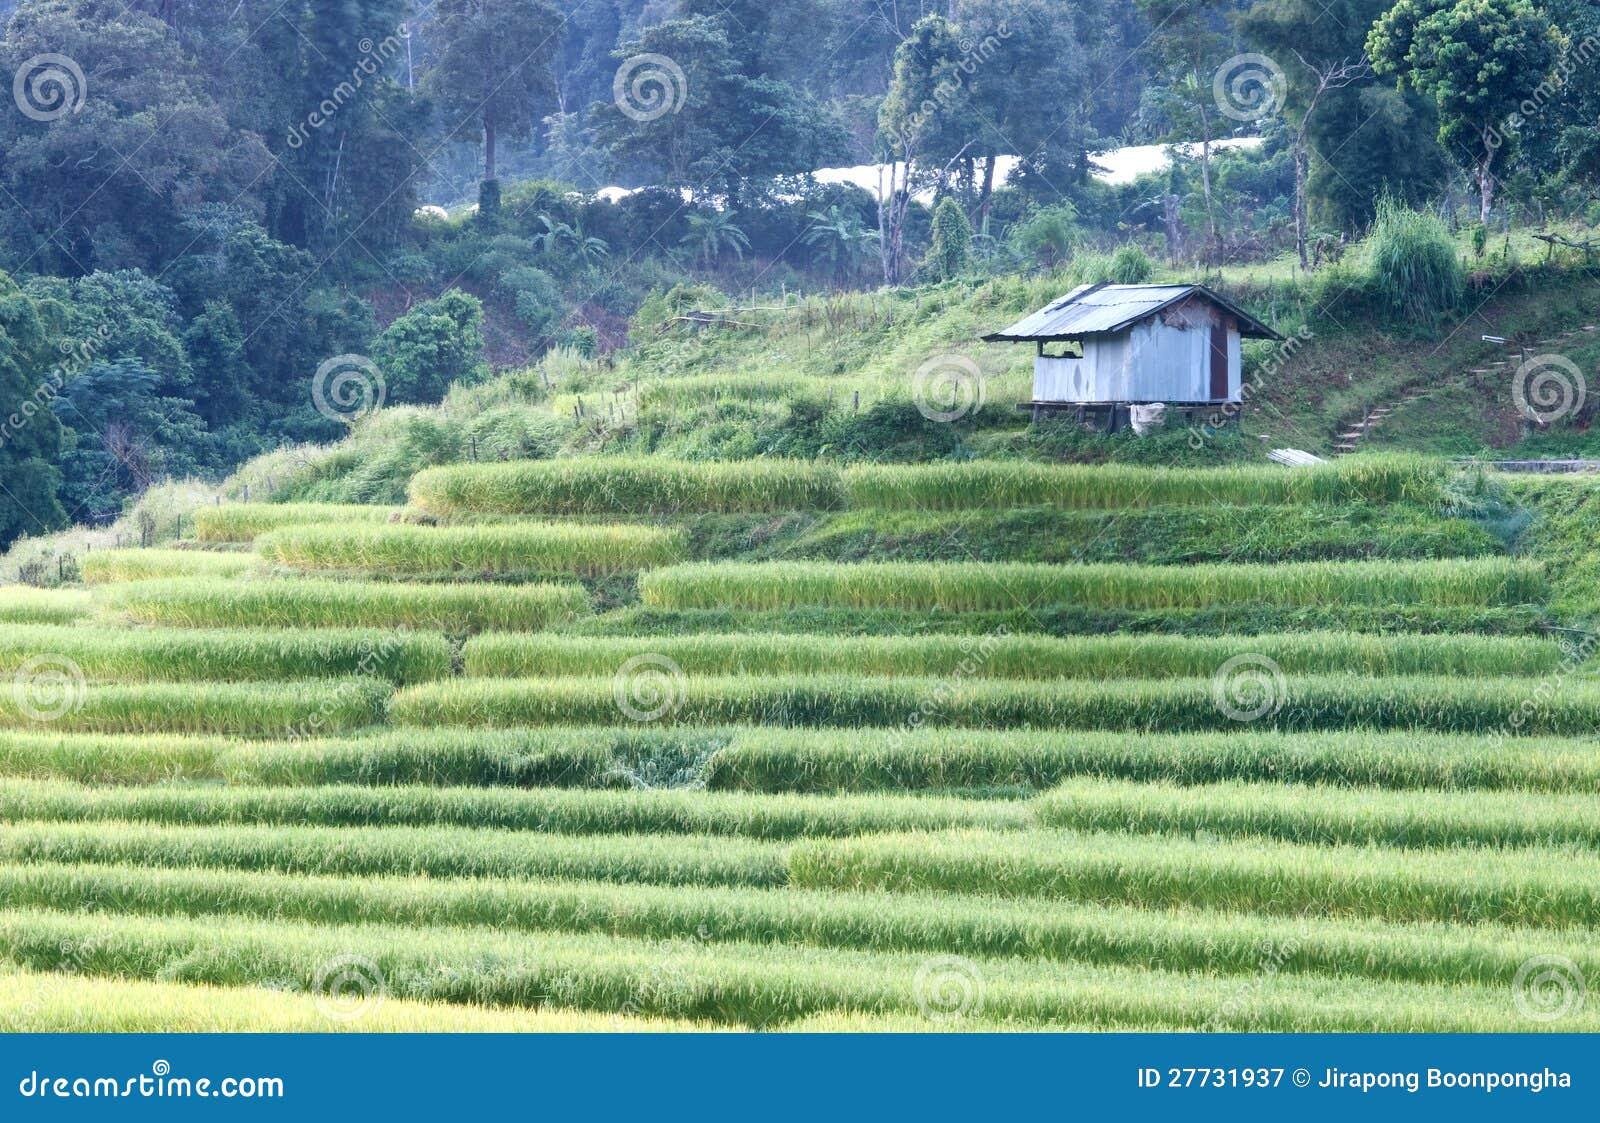 Terrasse des Reises Thailand